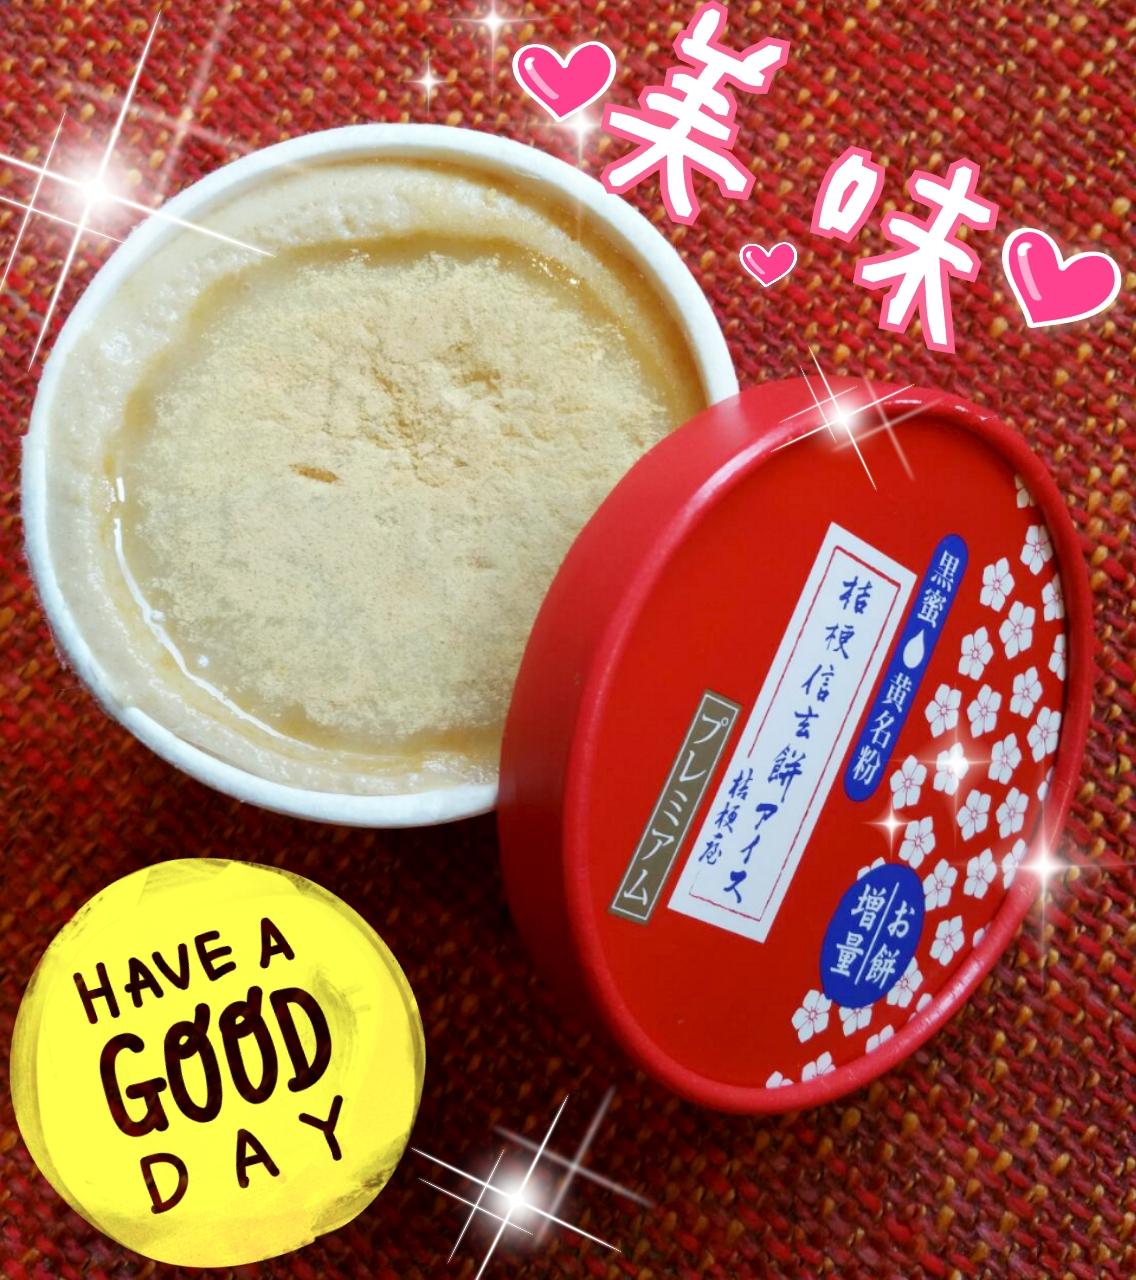 東京で食べた美味すぎ♥プレミアム桔梗信玄餅アイス♥